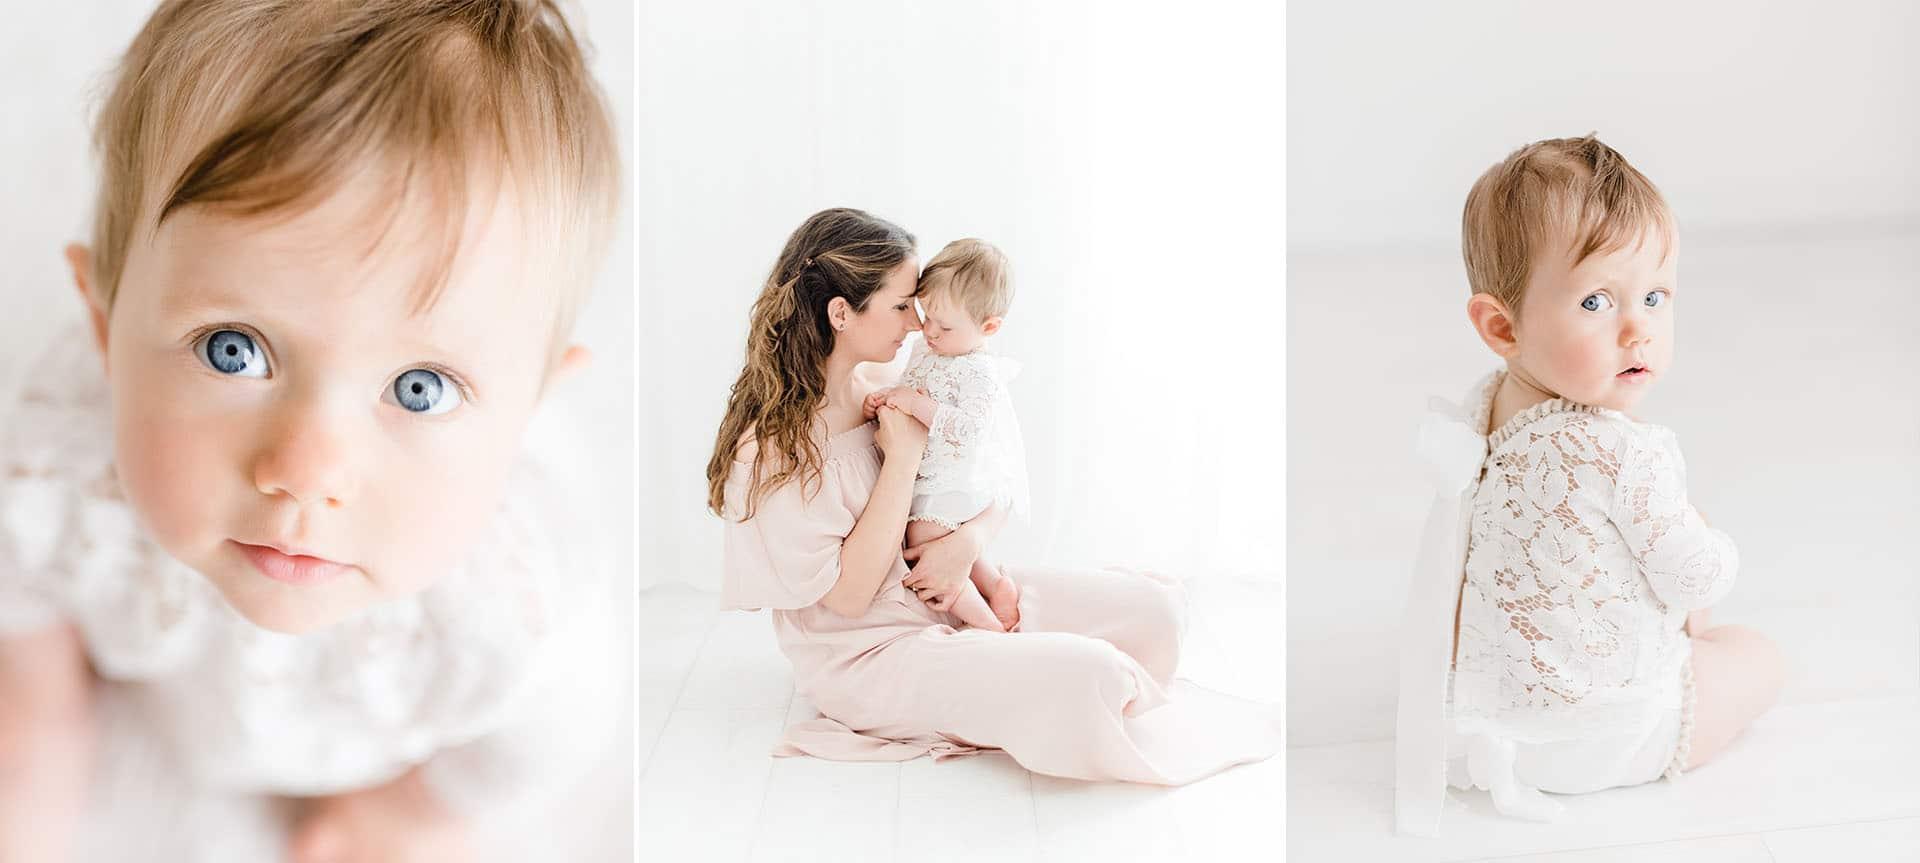 photographe maternité, photographe nouveau-né, photographe bébé, photographe Nyon, photographe Morges, photographe Gland, photographe Lausanne,  photographe maternité Lausanne, workshop photographe, asppnn